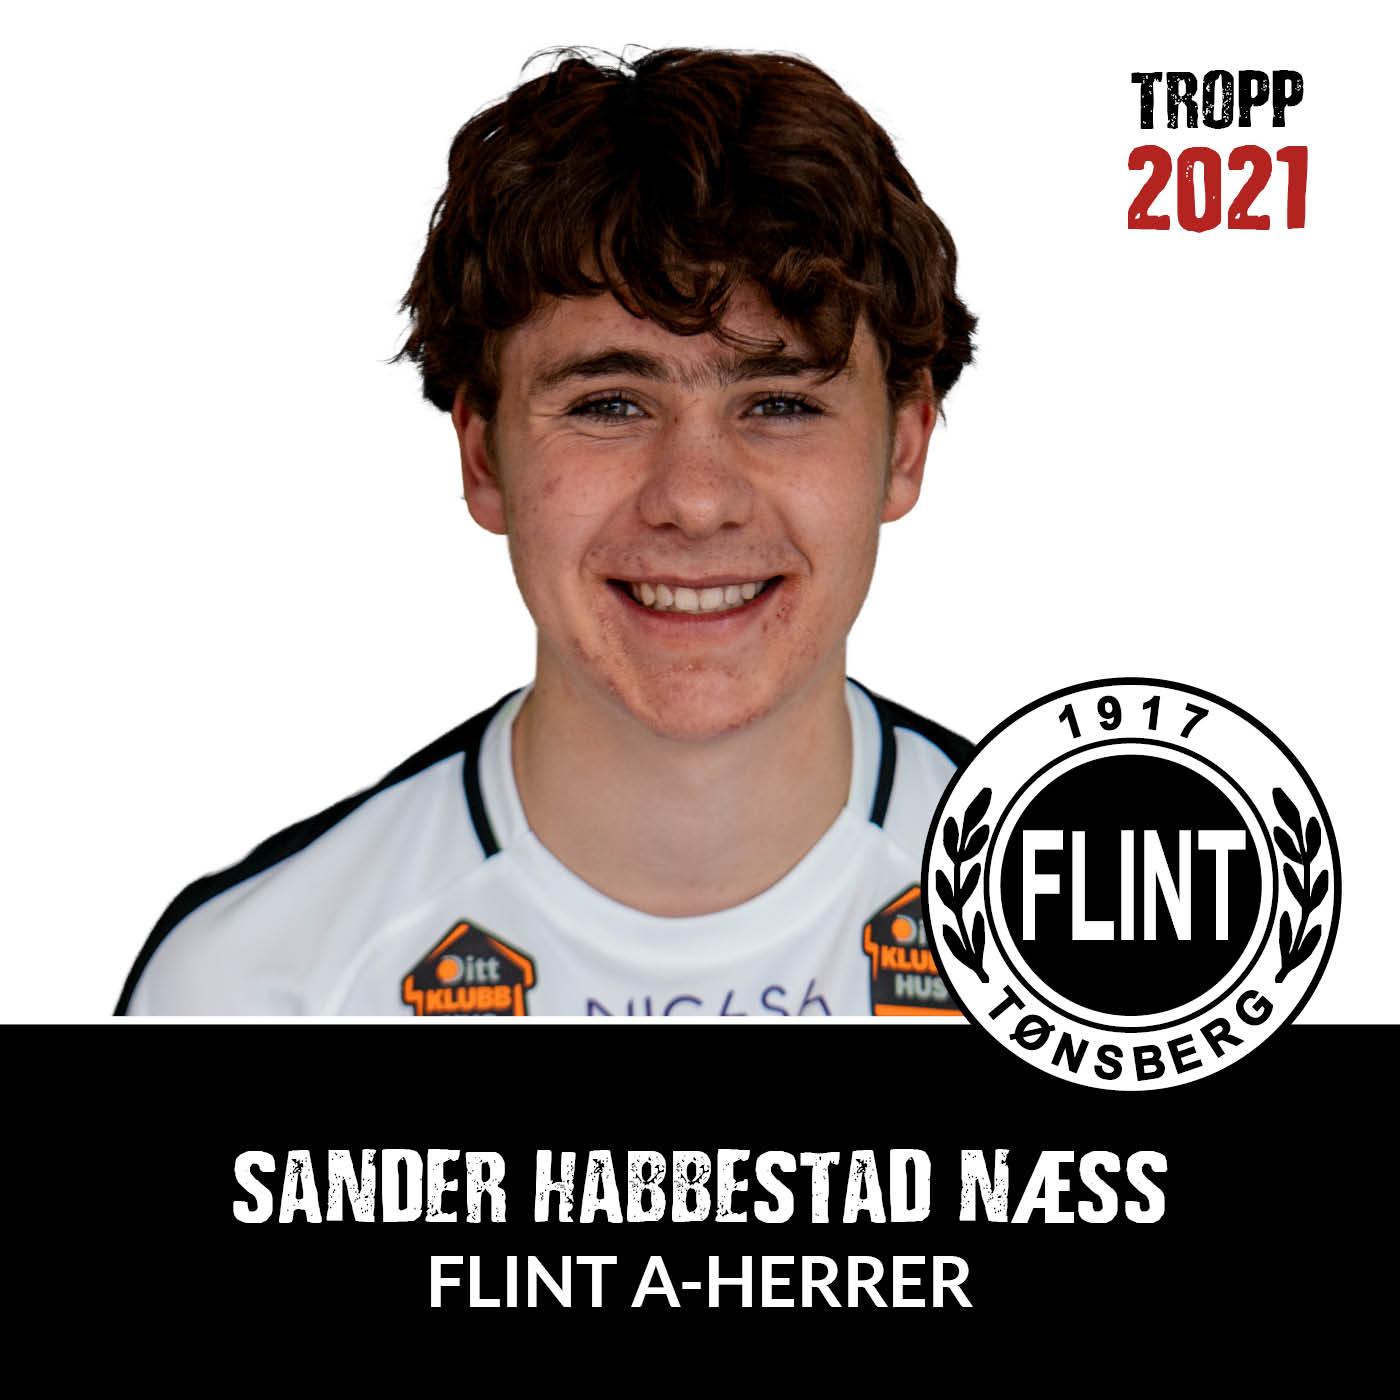 https://www.flintfotball.no/wp-content/uploads/2021/01/A-herrer-2021-Sander-Habbestad-Naess2.jpg